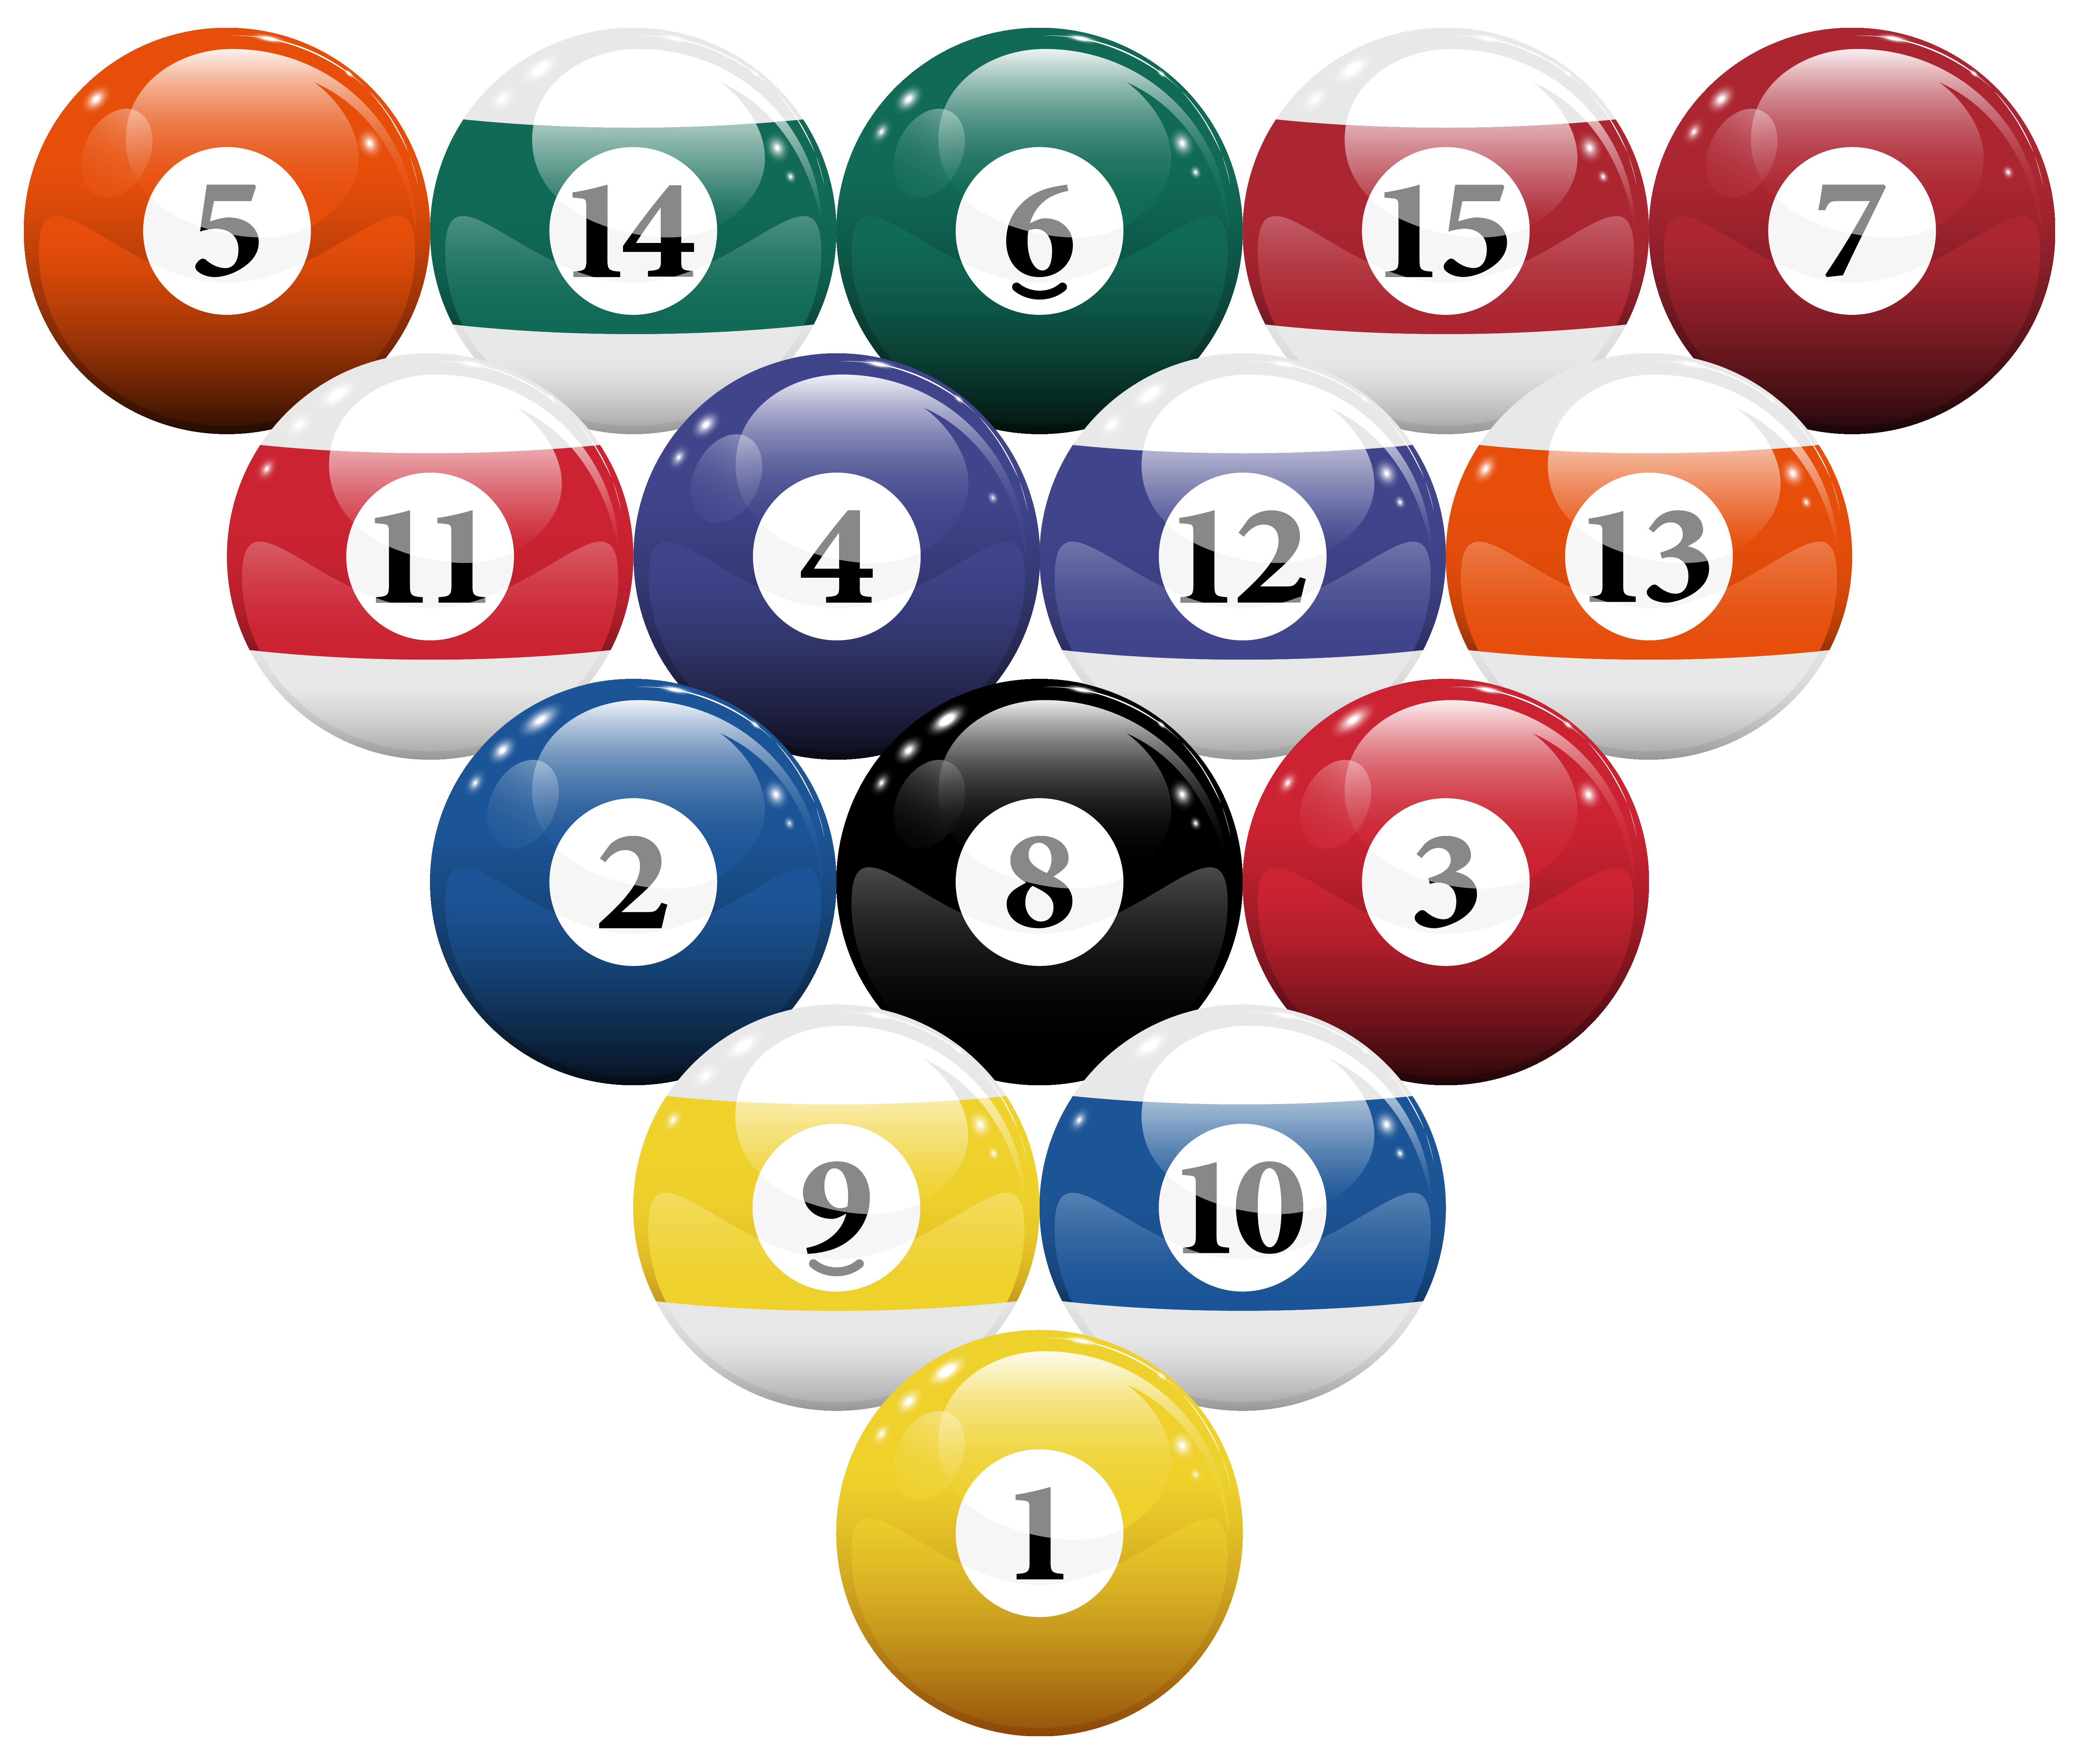 Billiard Ball Billiards Billiard Balls Pool Balls